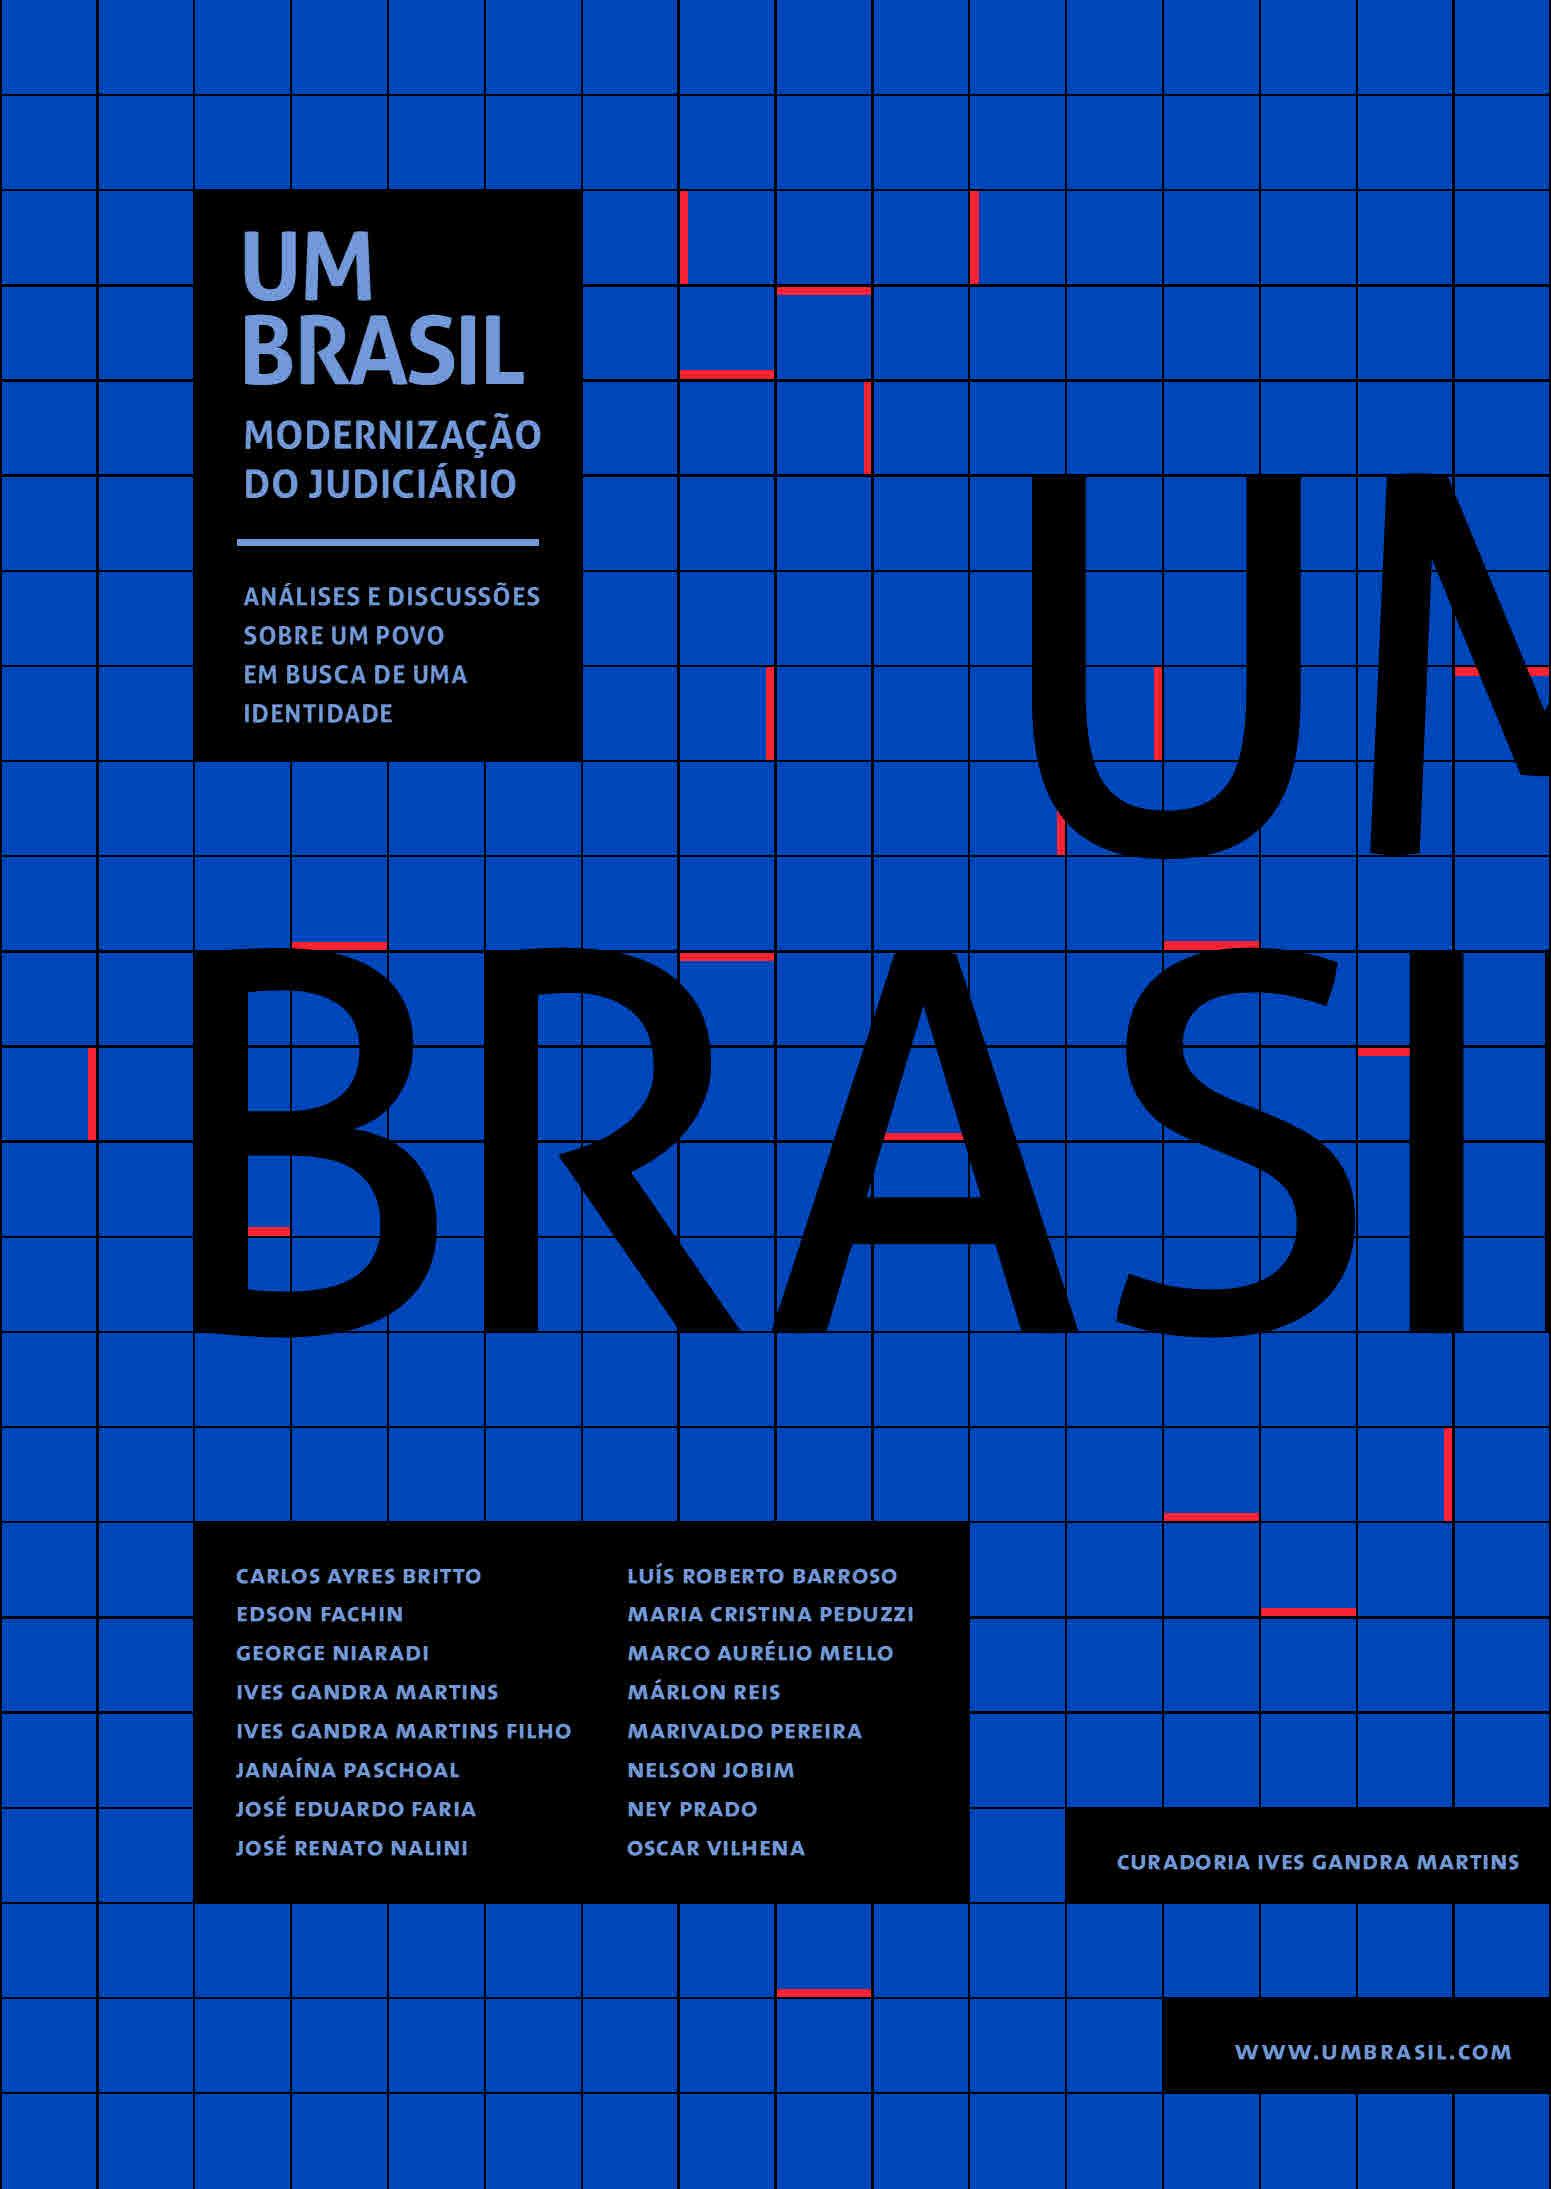 Um Brasil: especial modernização do judiciário